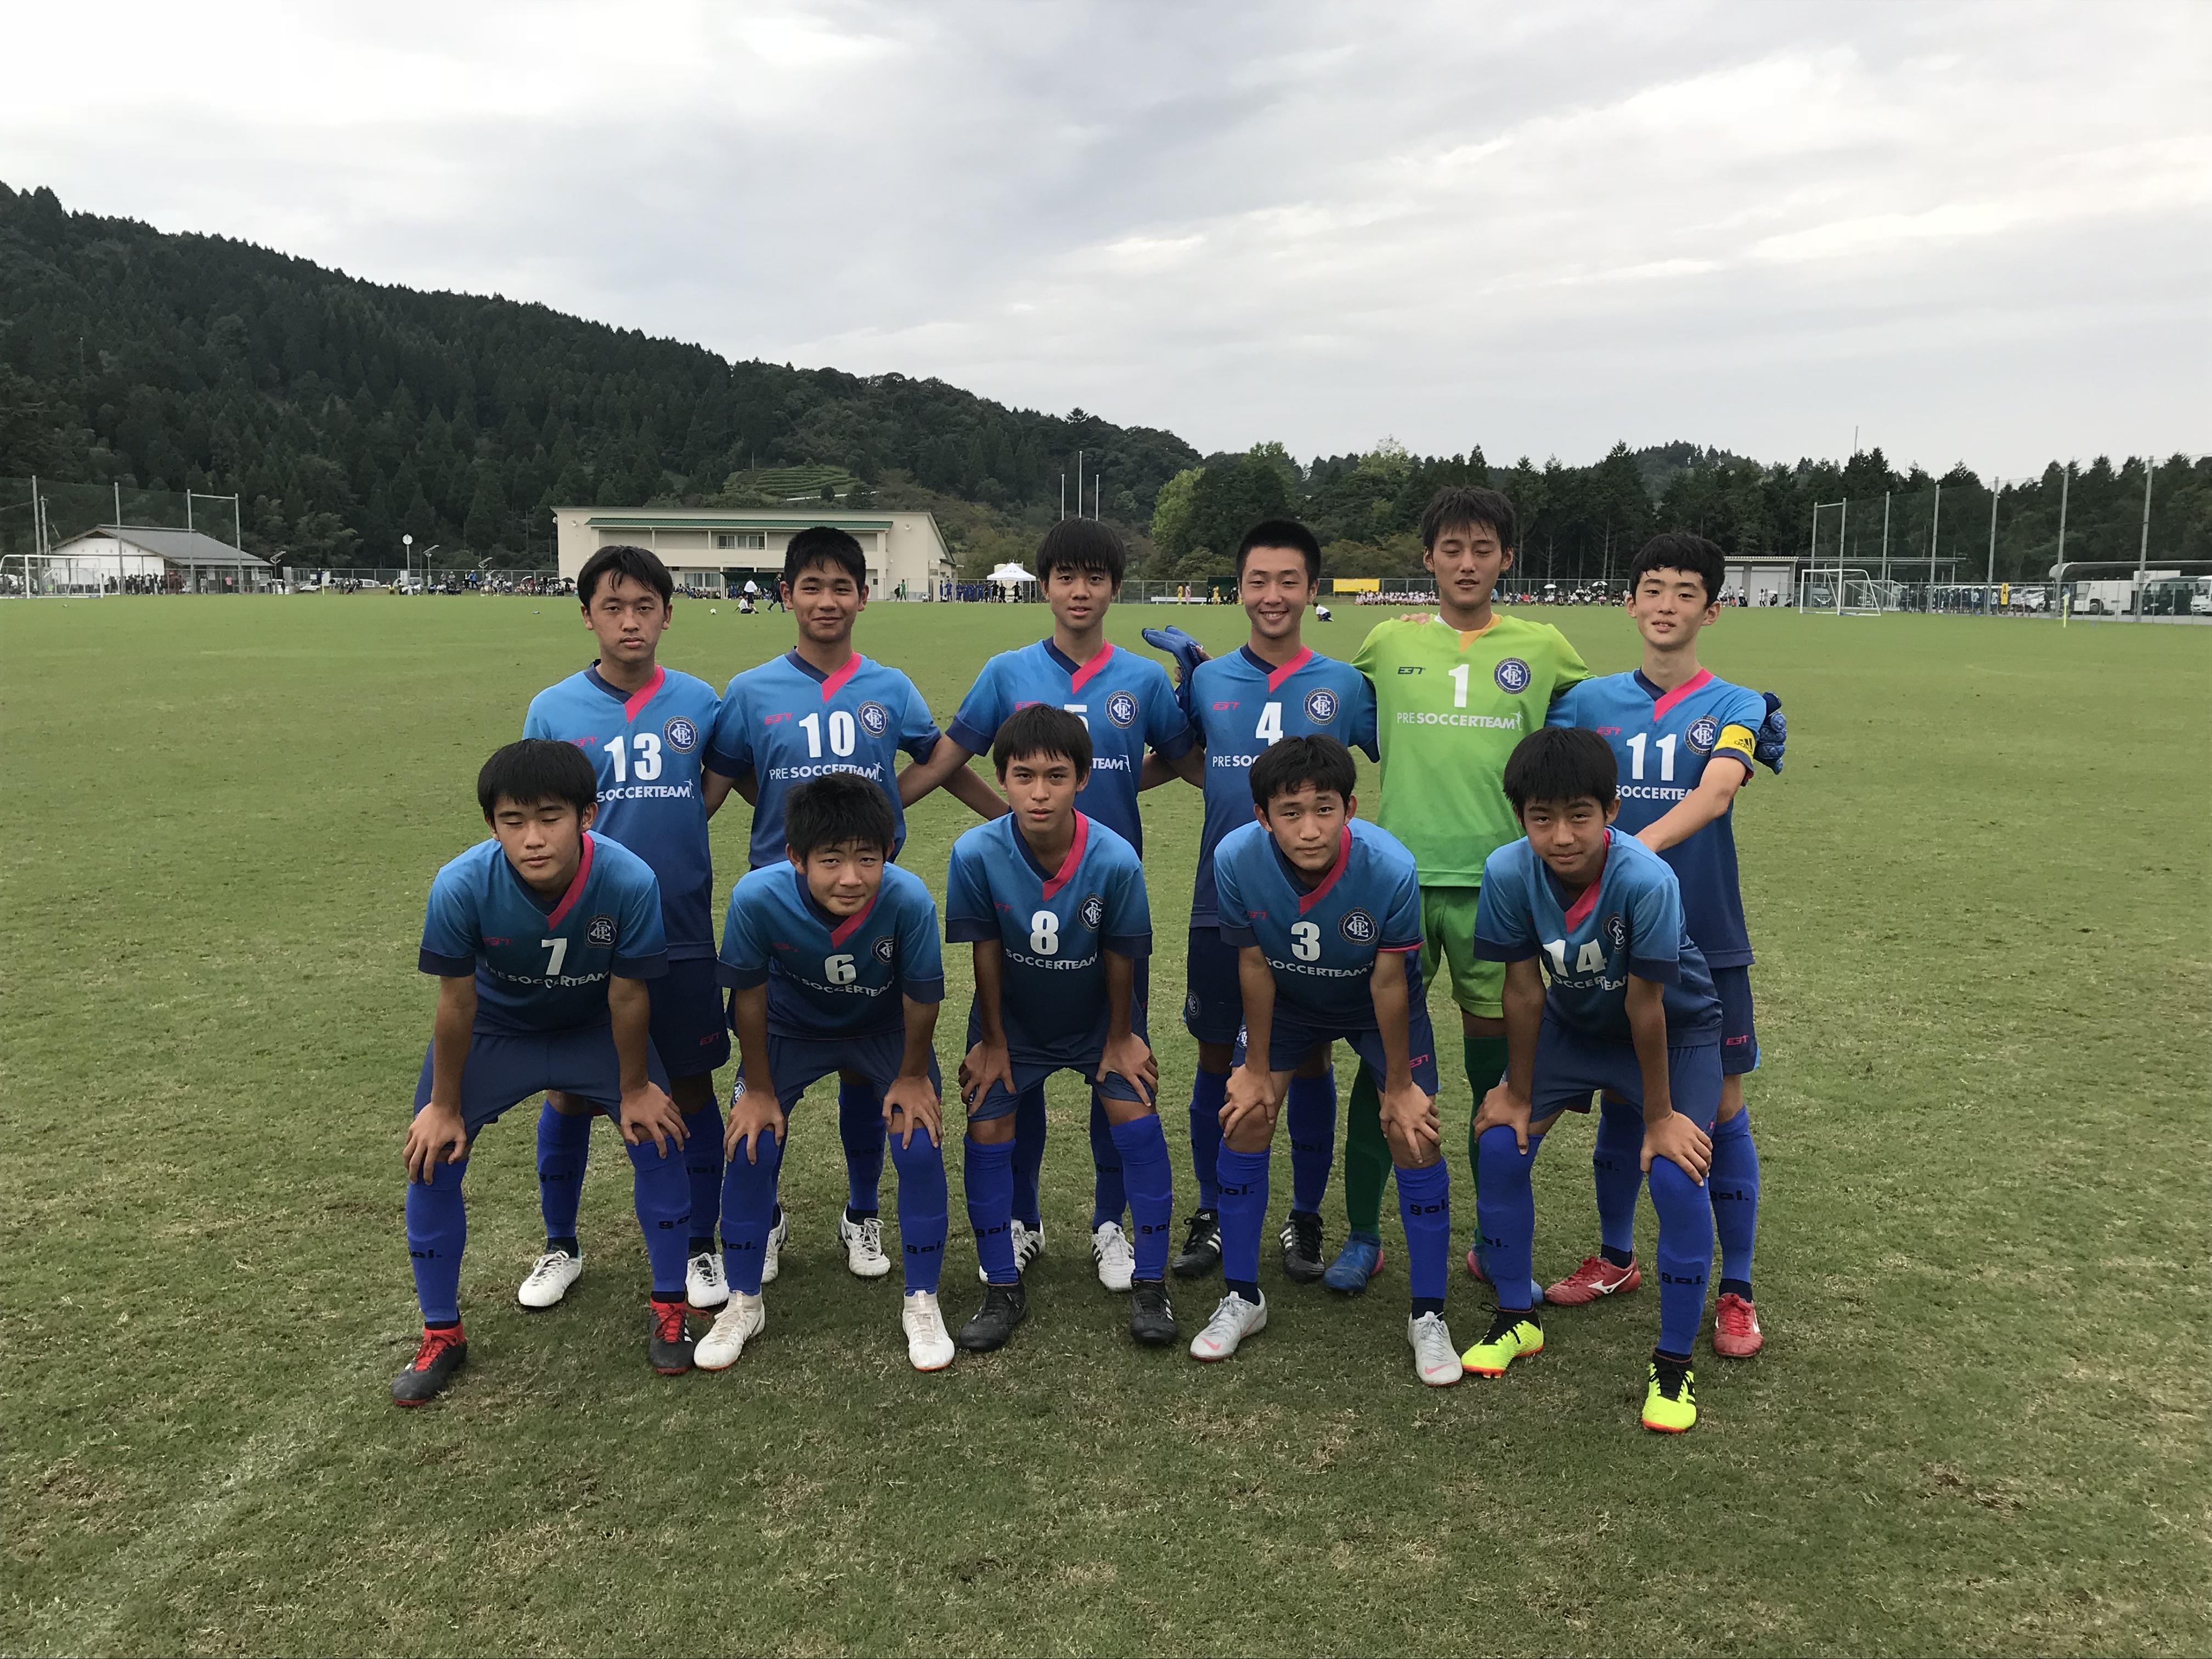 ジュニアユース ゴール集 パート1〜2018 クラブ選手権編〜